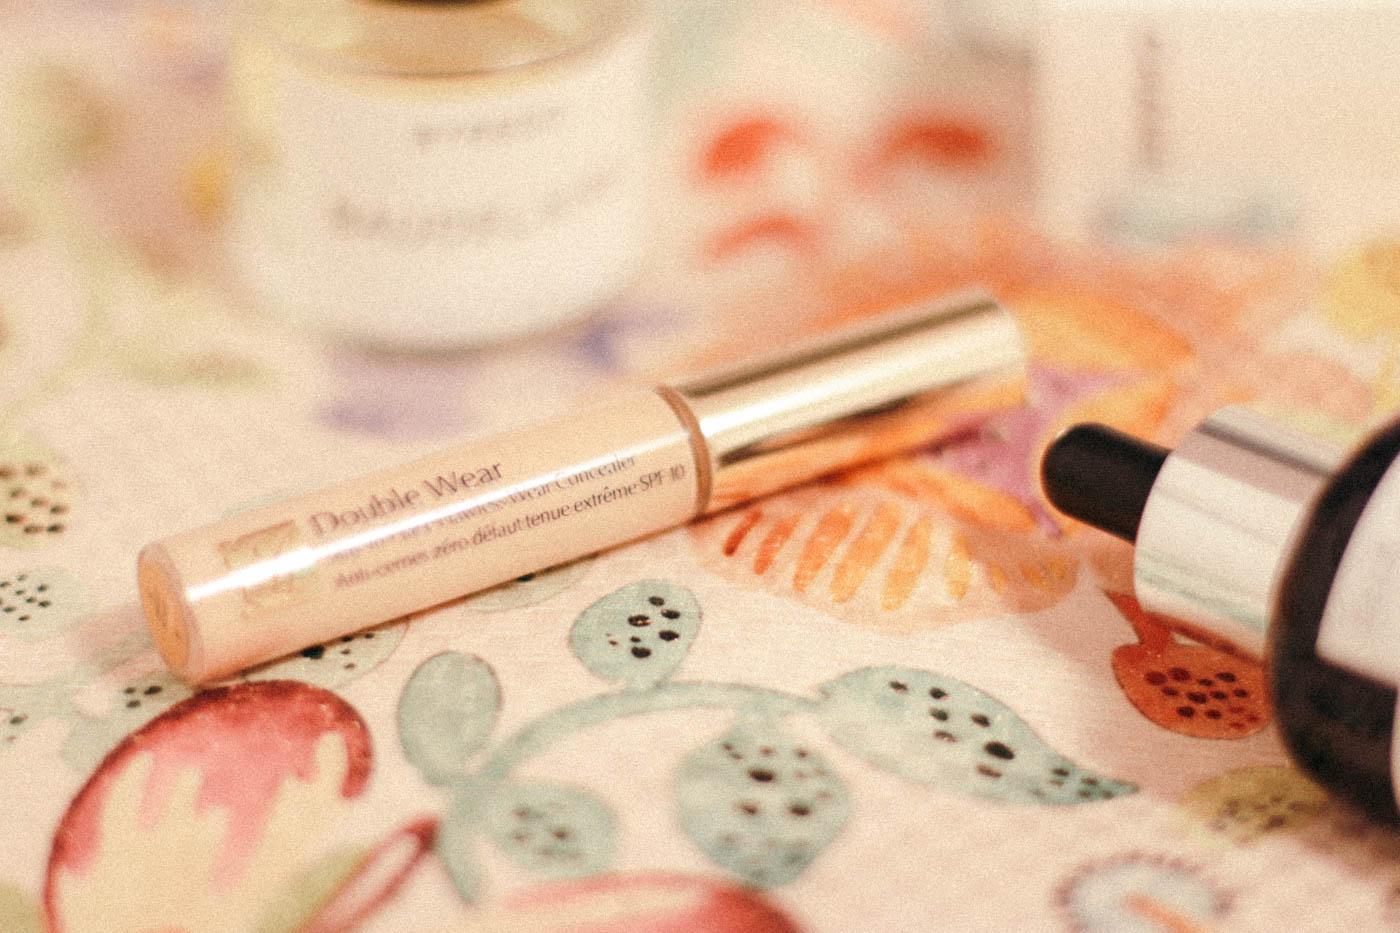 Estée Lauder Double Wear Concealer - Skincare